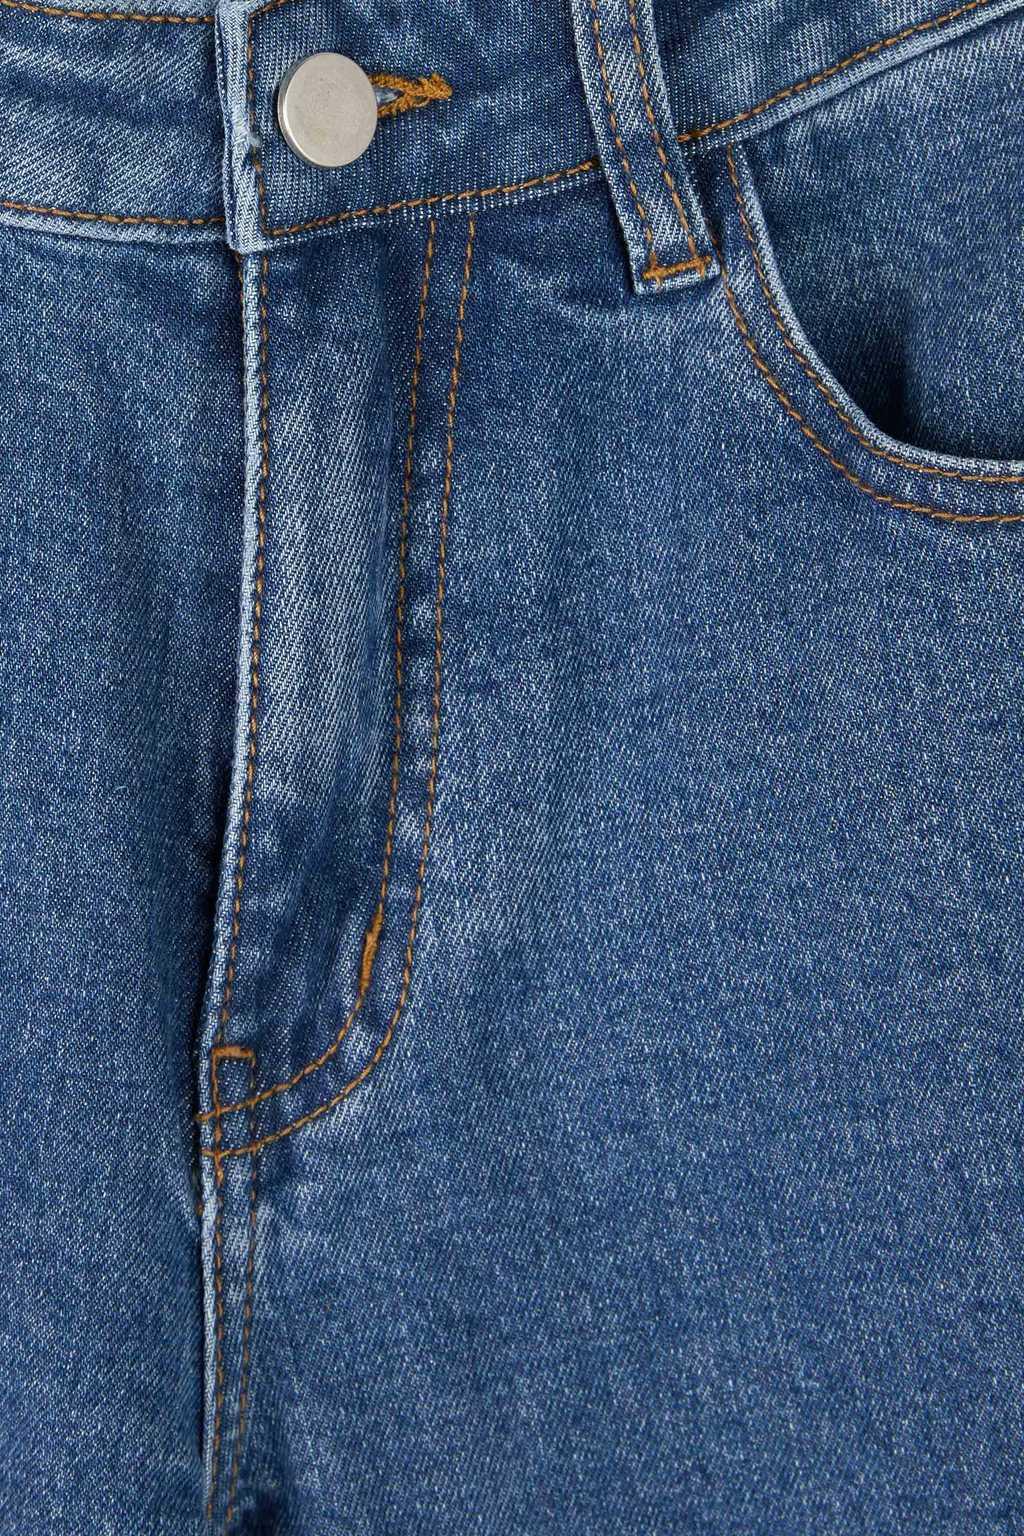 Jean 3620 Indigo 9